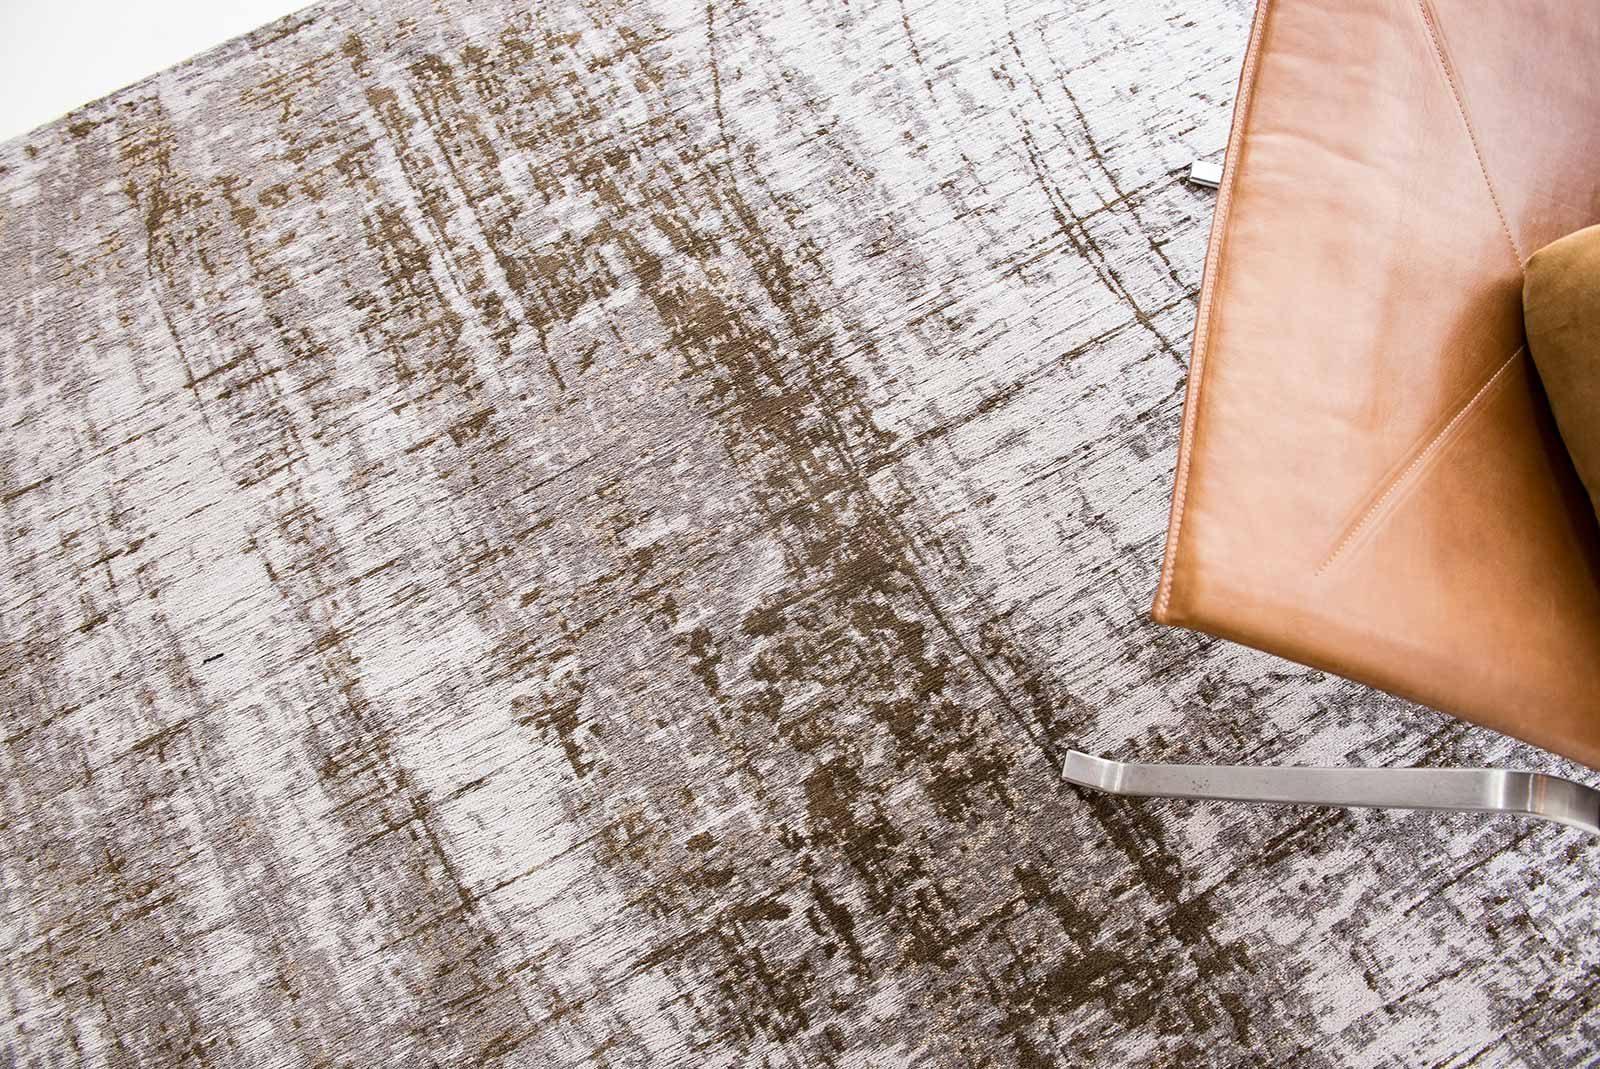 alfombras Louis De Poortere LX 8785 Mad Men Griff Concrete Jungle zoom 2